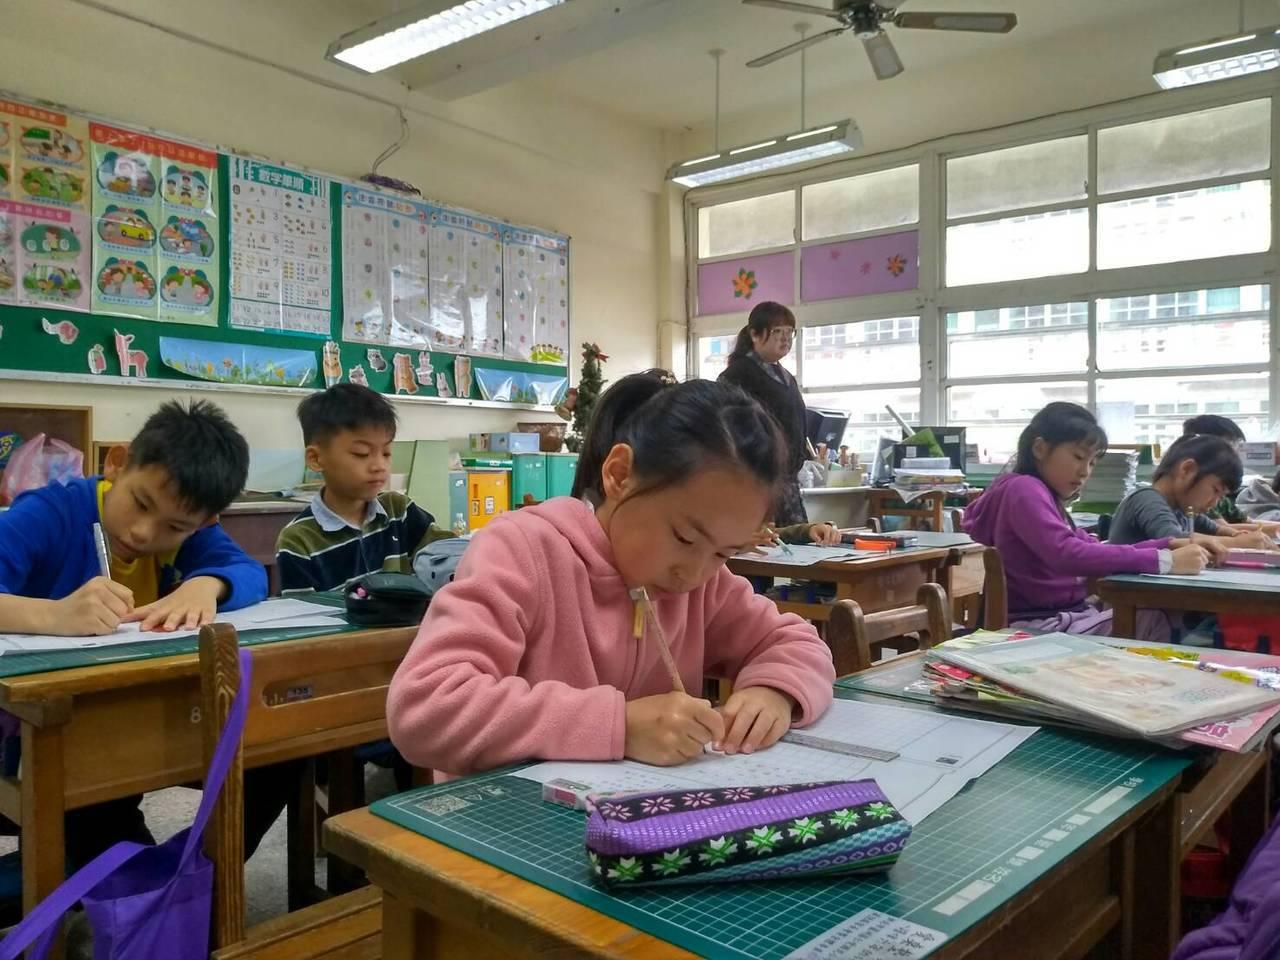 第35屆武漢楚才盃作文競賽,北區考生神情專注應考。圖/聯合報教育事業部提供